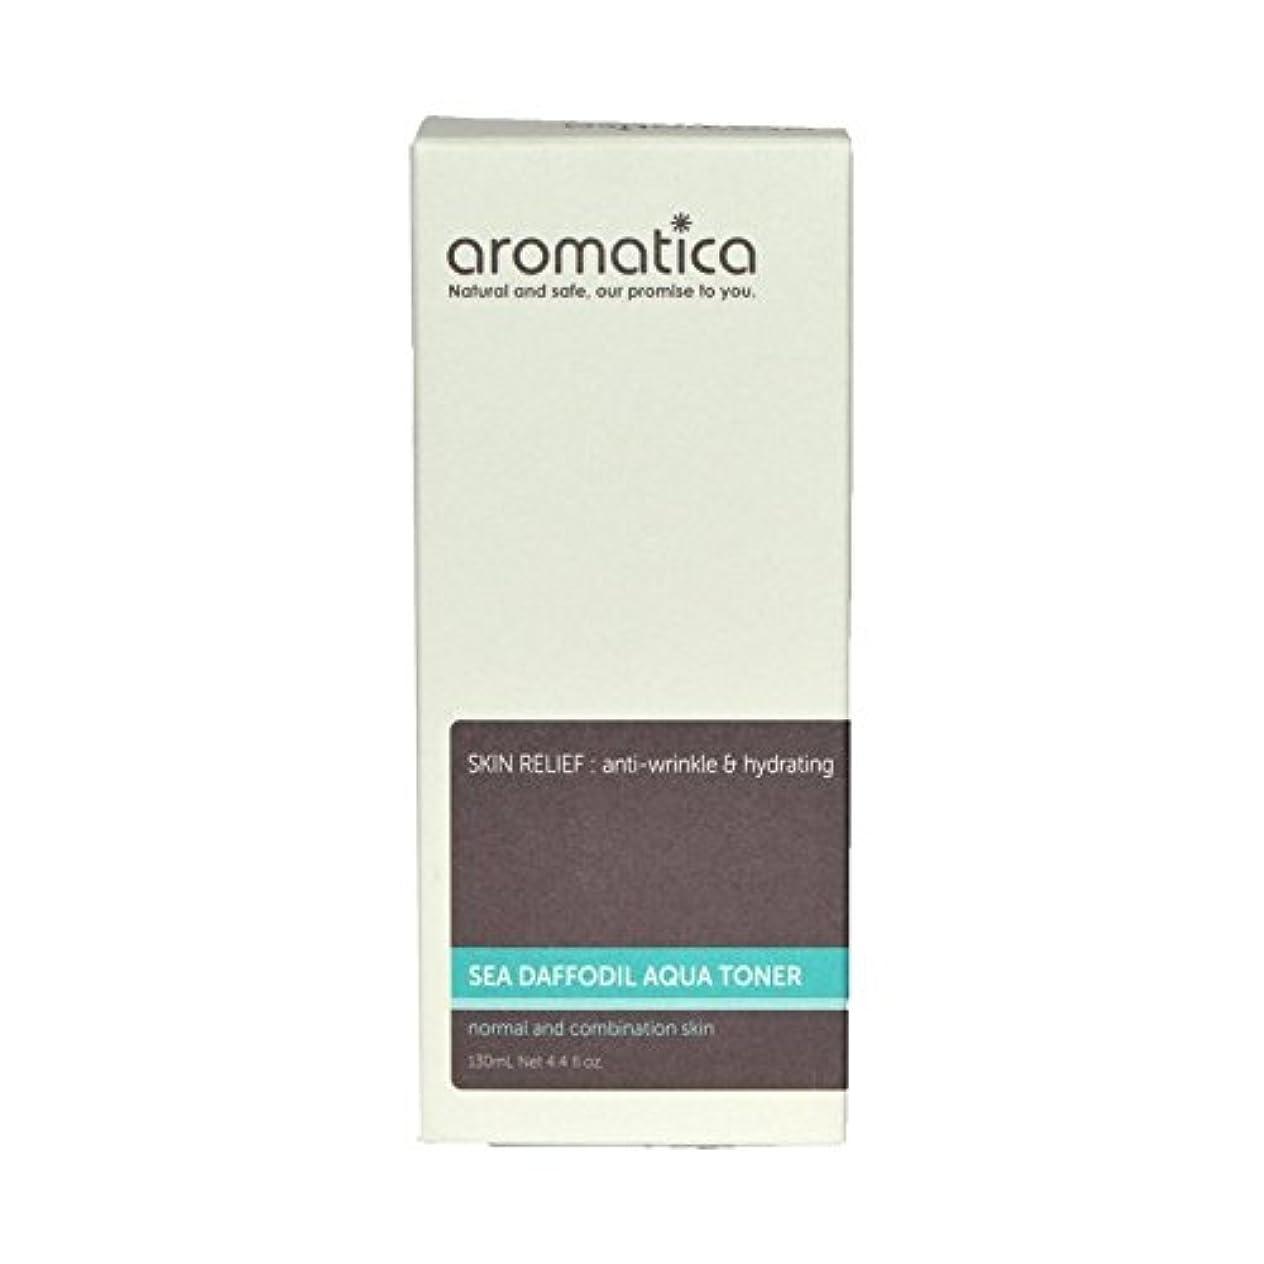 黒板ばかヒップ海スイセンアクアトナー130ミリリットル x2 - aromatica Sea Daffodil Aqua Toner 130ml (Pack of 2) [並行輸入品]